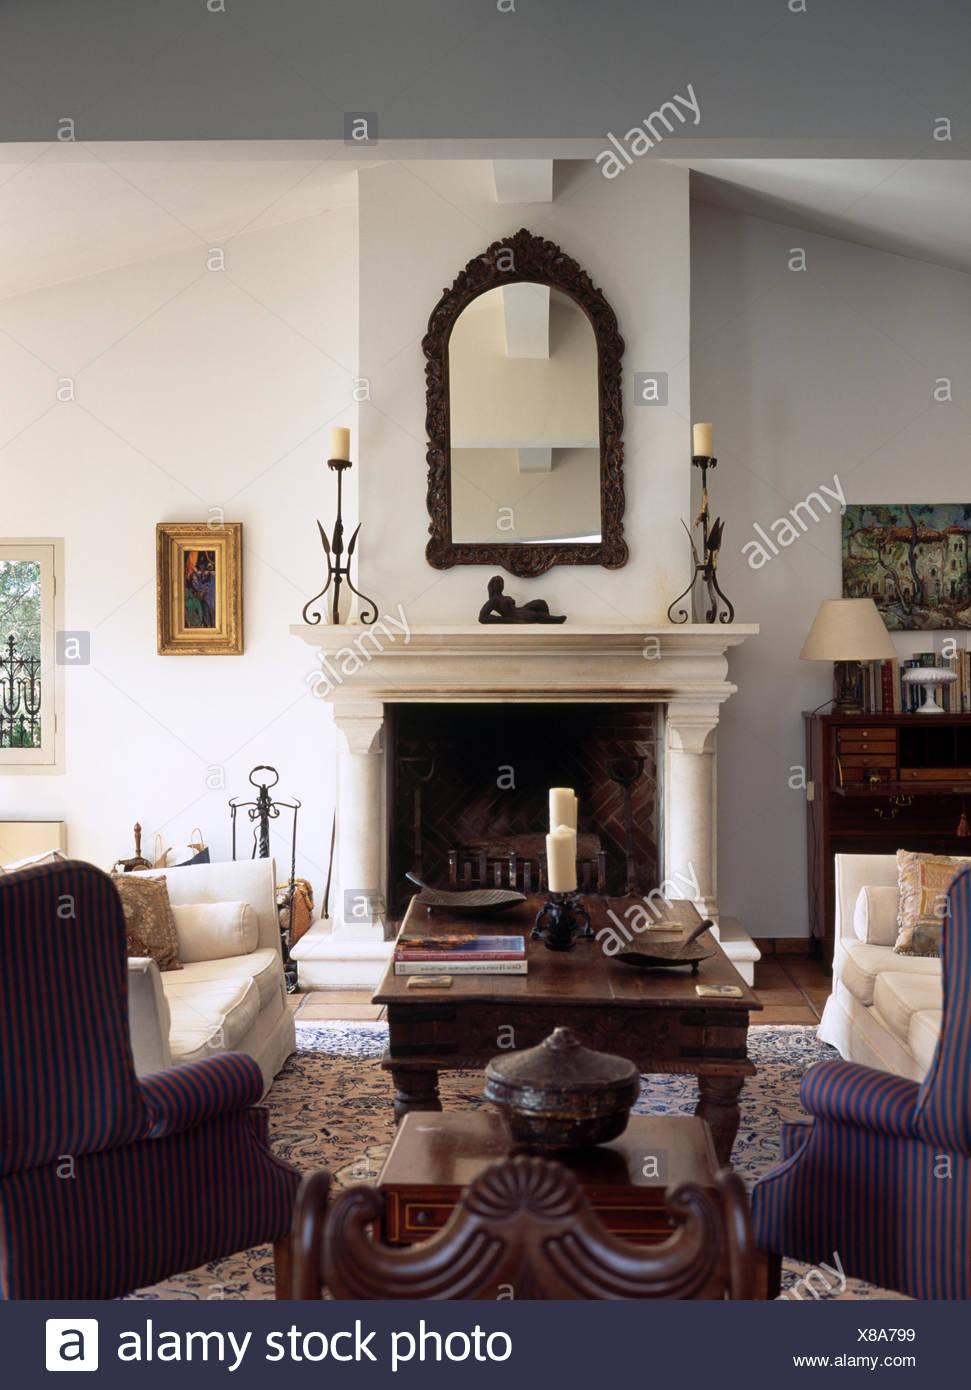 Antike dekorative Spiegel über Marmorkamin mit Säulen in ...